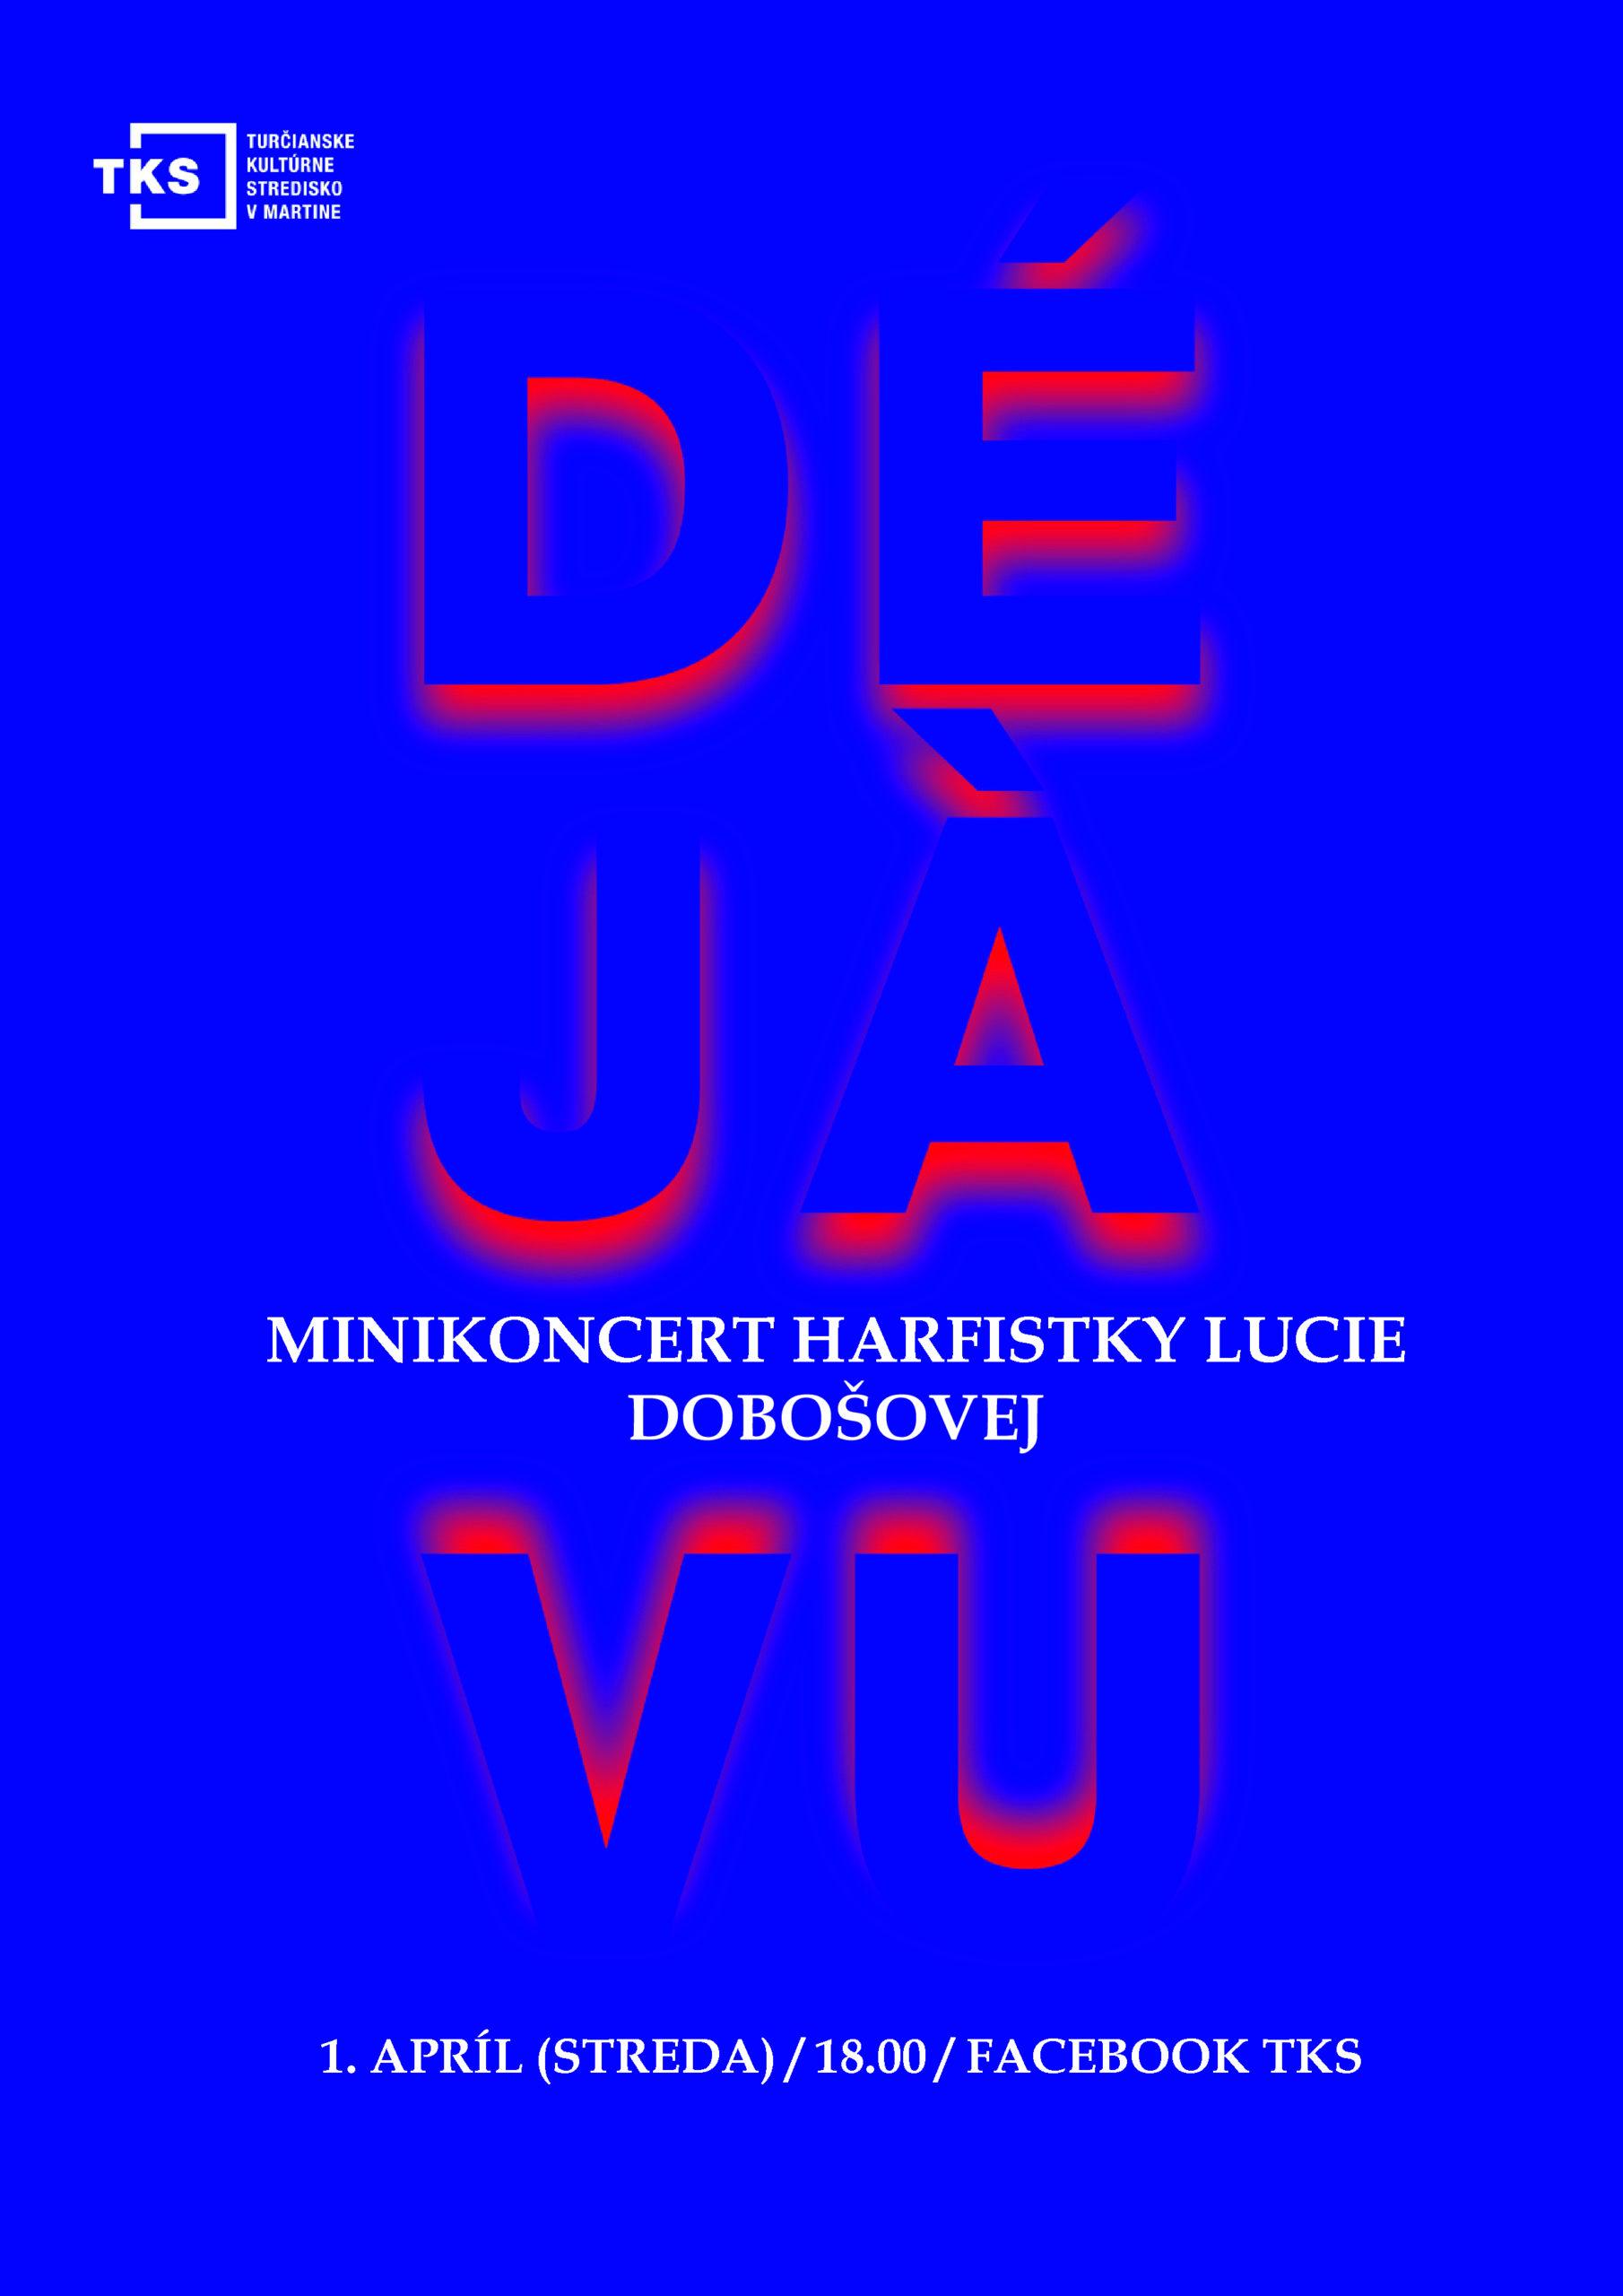 Minikoncert harfistky Lucie Dobošovej